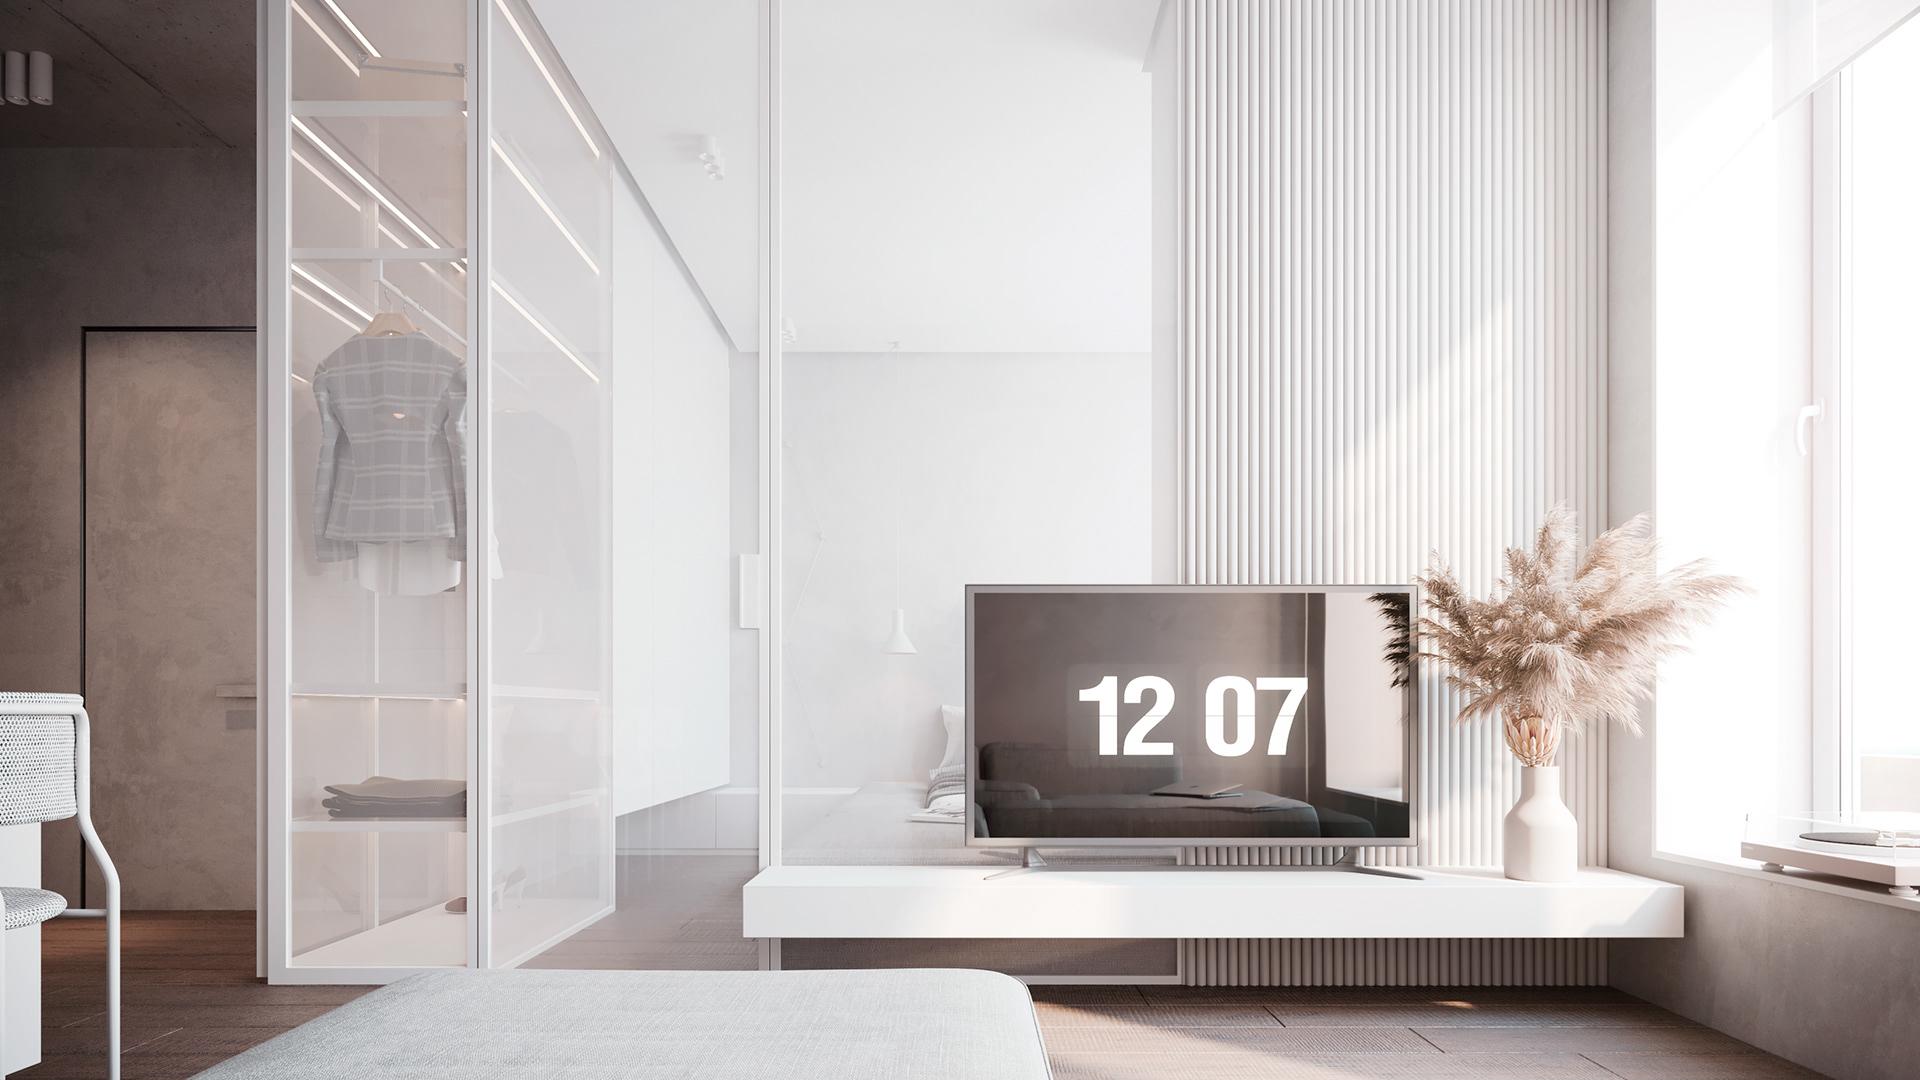 Việc sử dụng tông màu trắng giúp không gian phòng khách trở nên rộng hơn